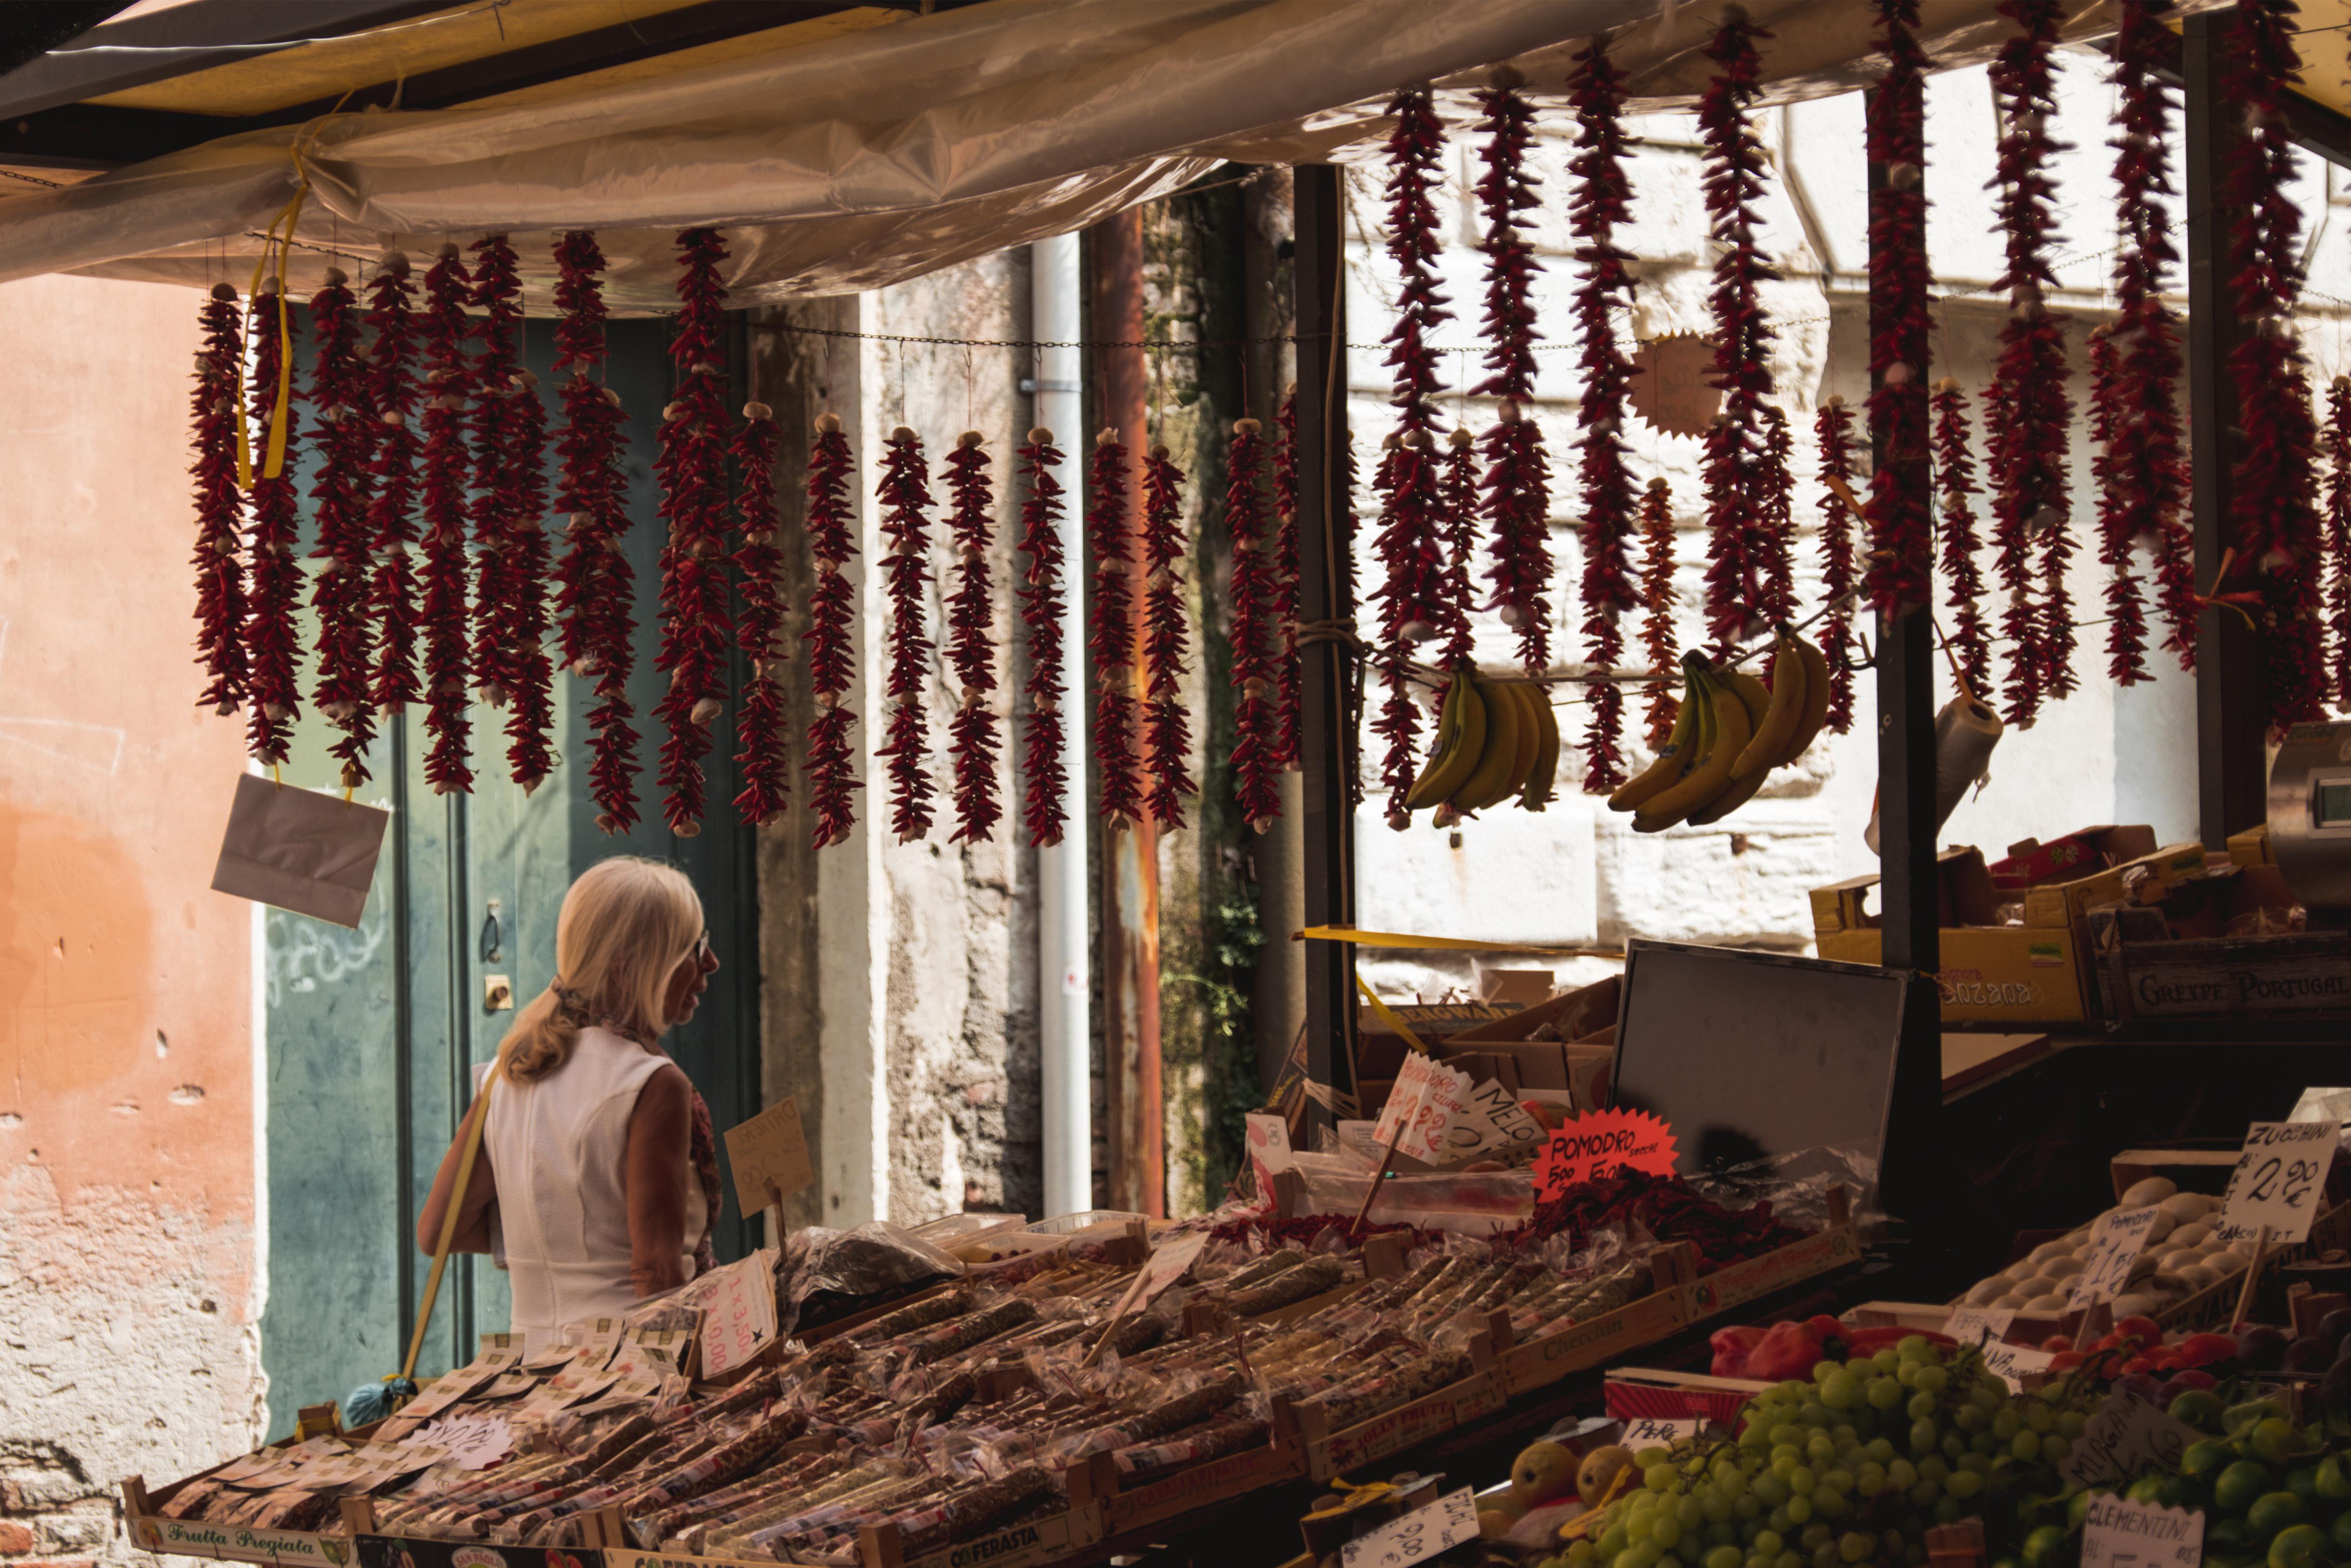 Une journee a Venise -Market